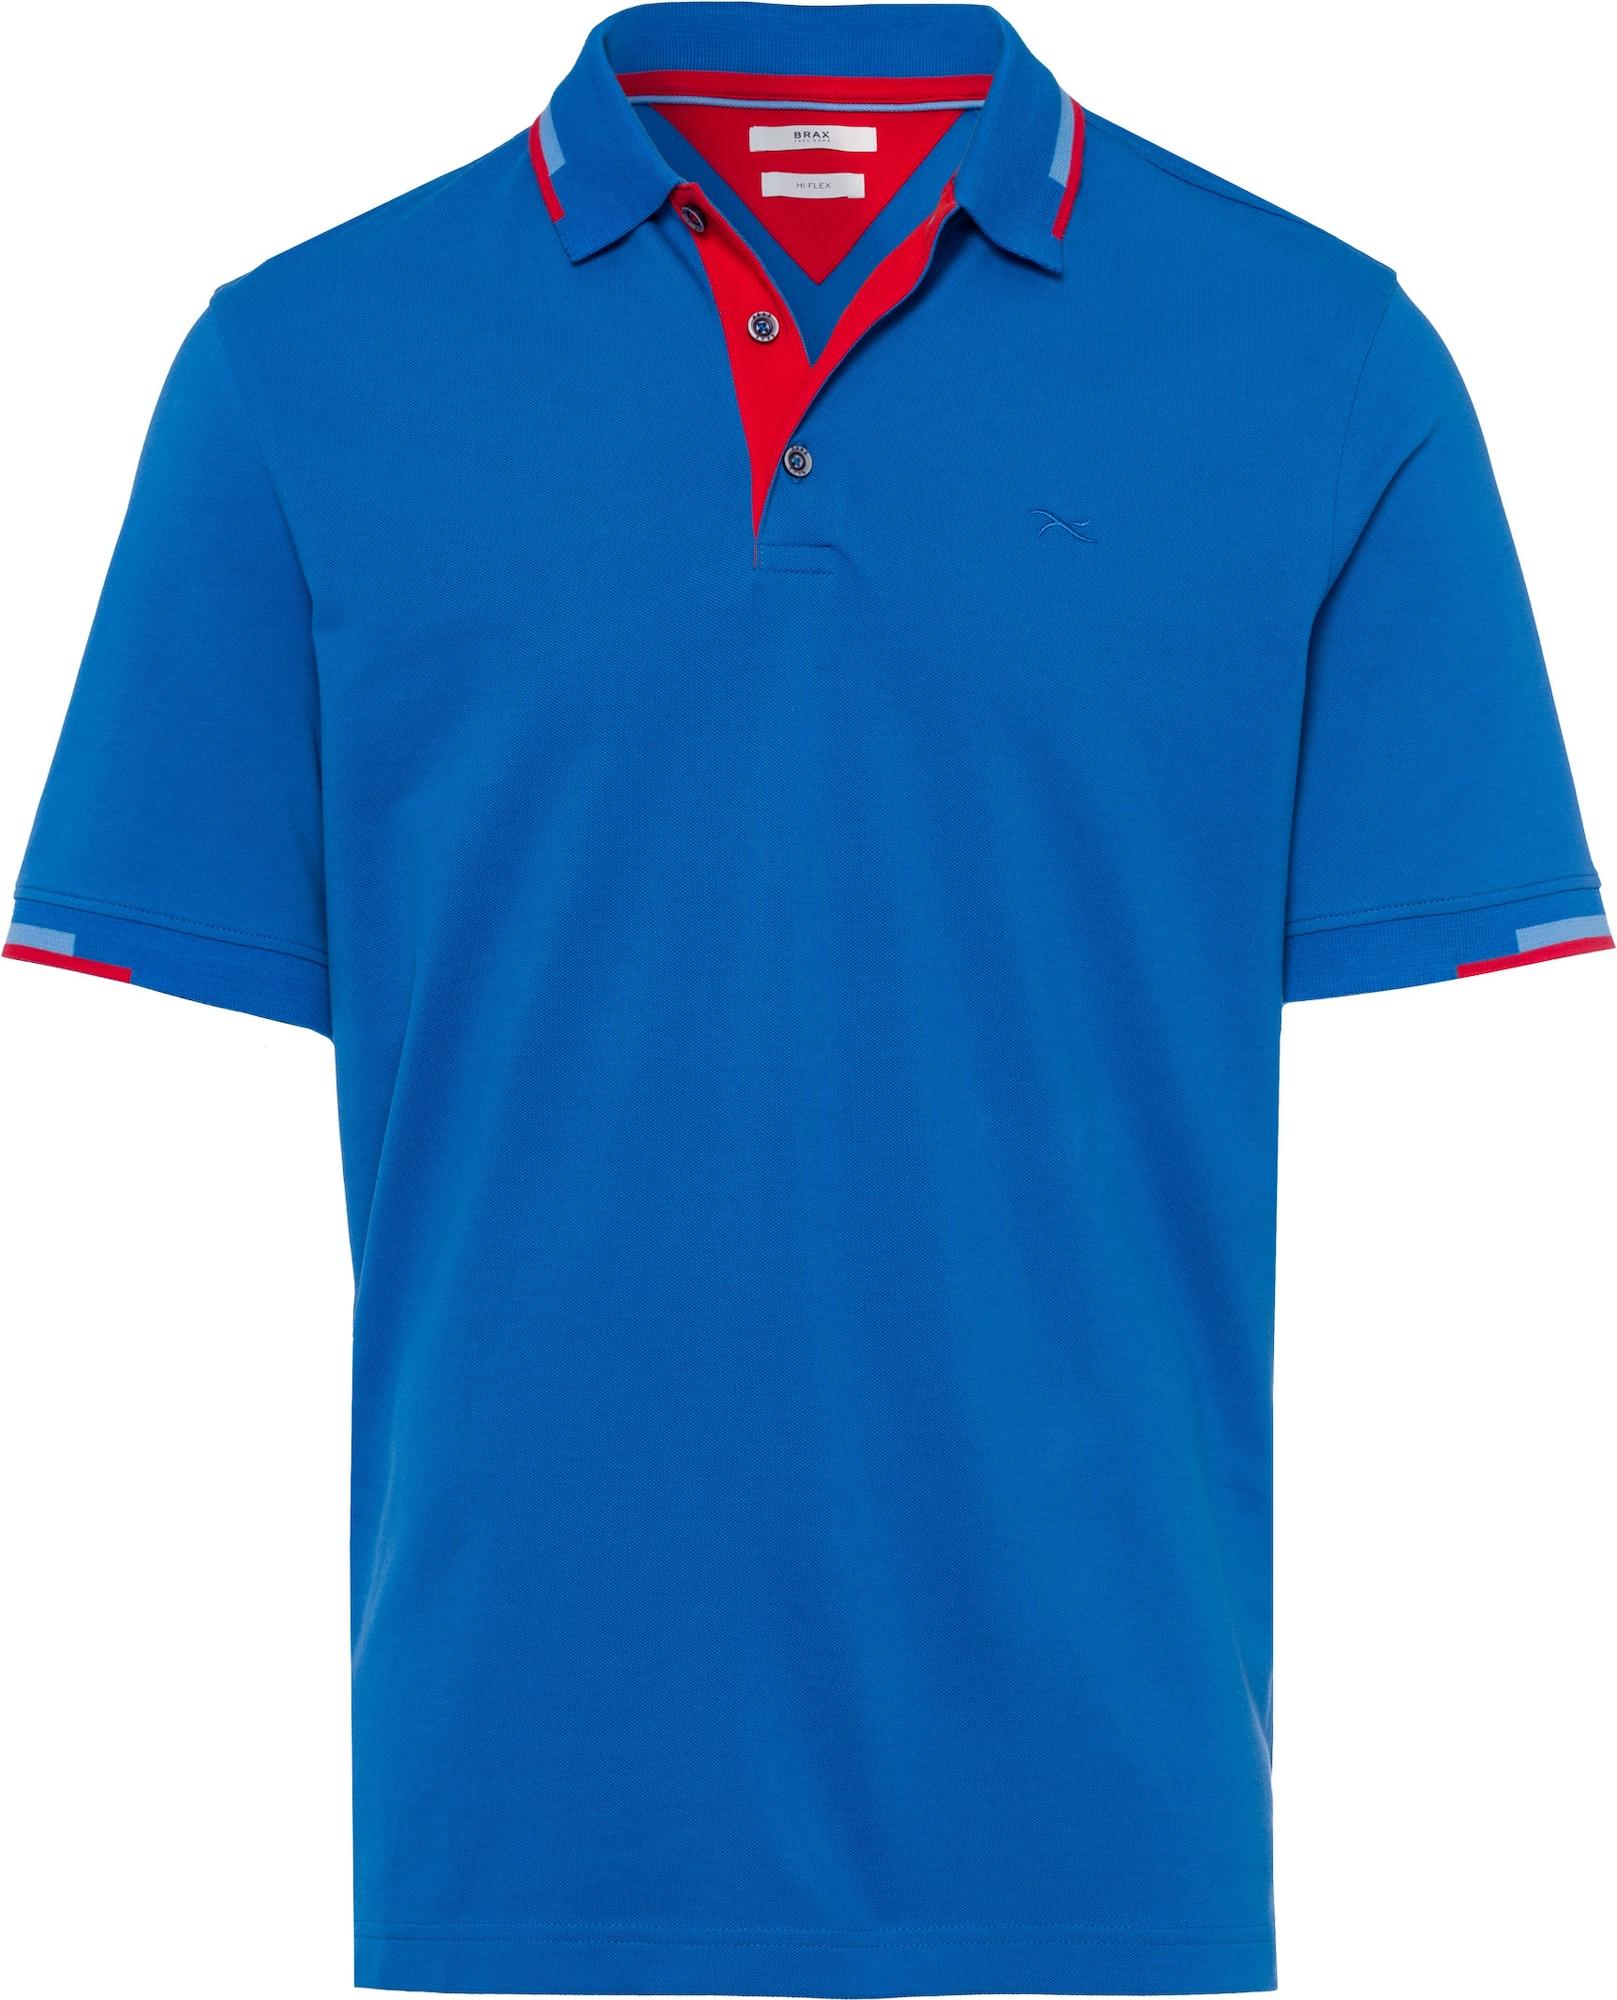 BRAX Marškinėliai mėlyna / raudona